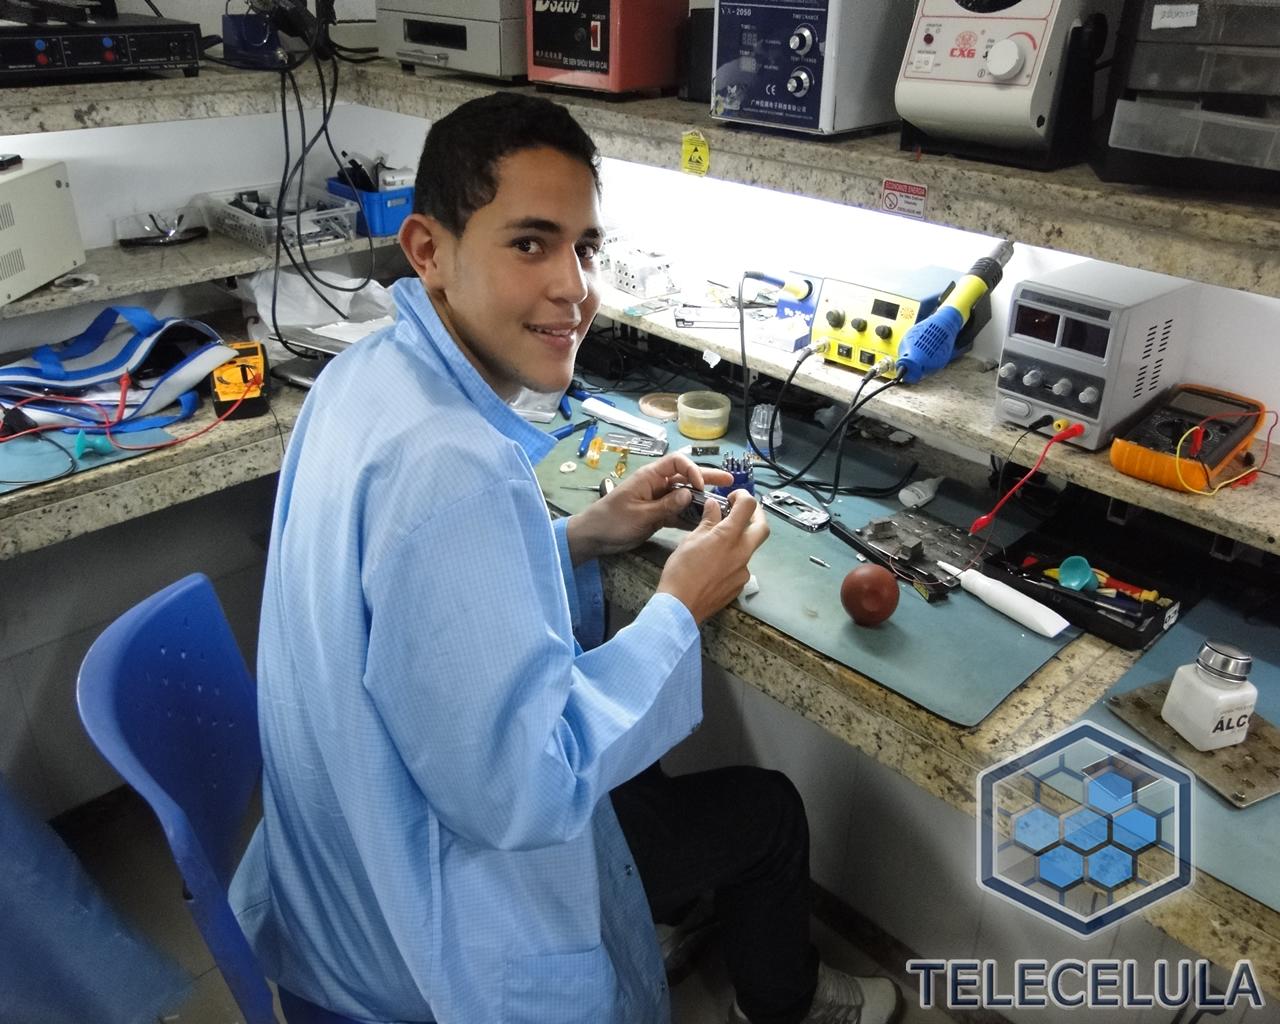 Fotos Treinamento Telecelula Eletrônica Básica e Bancada  #284069 1280x1024